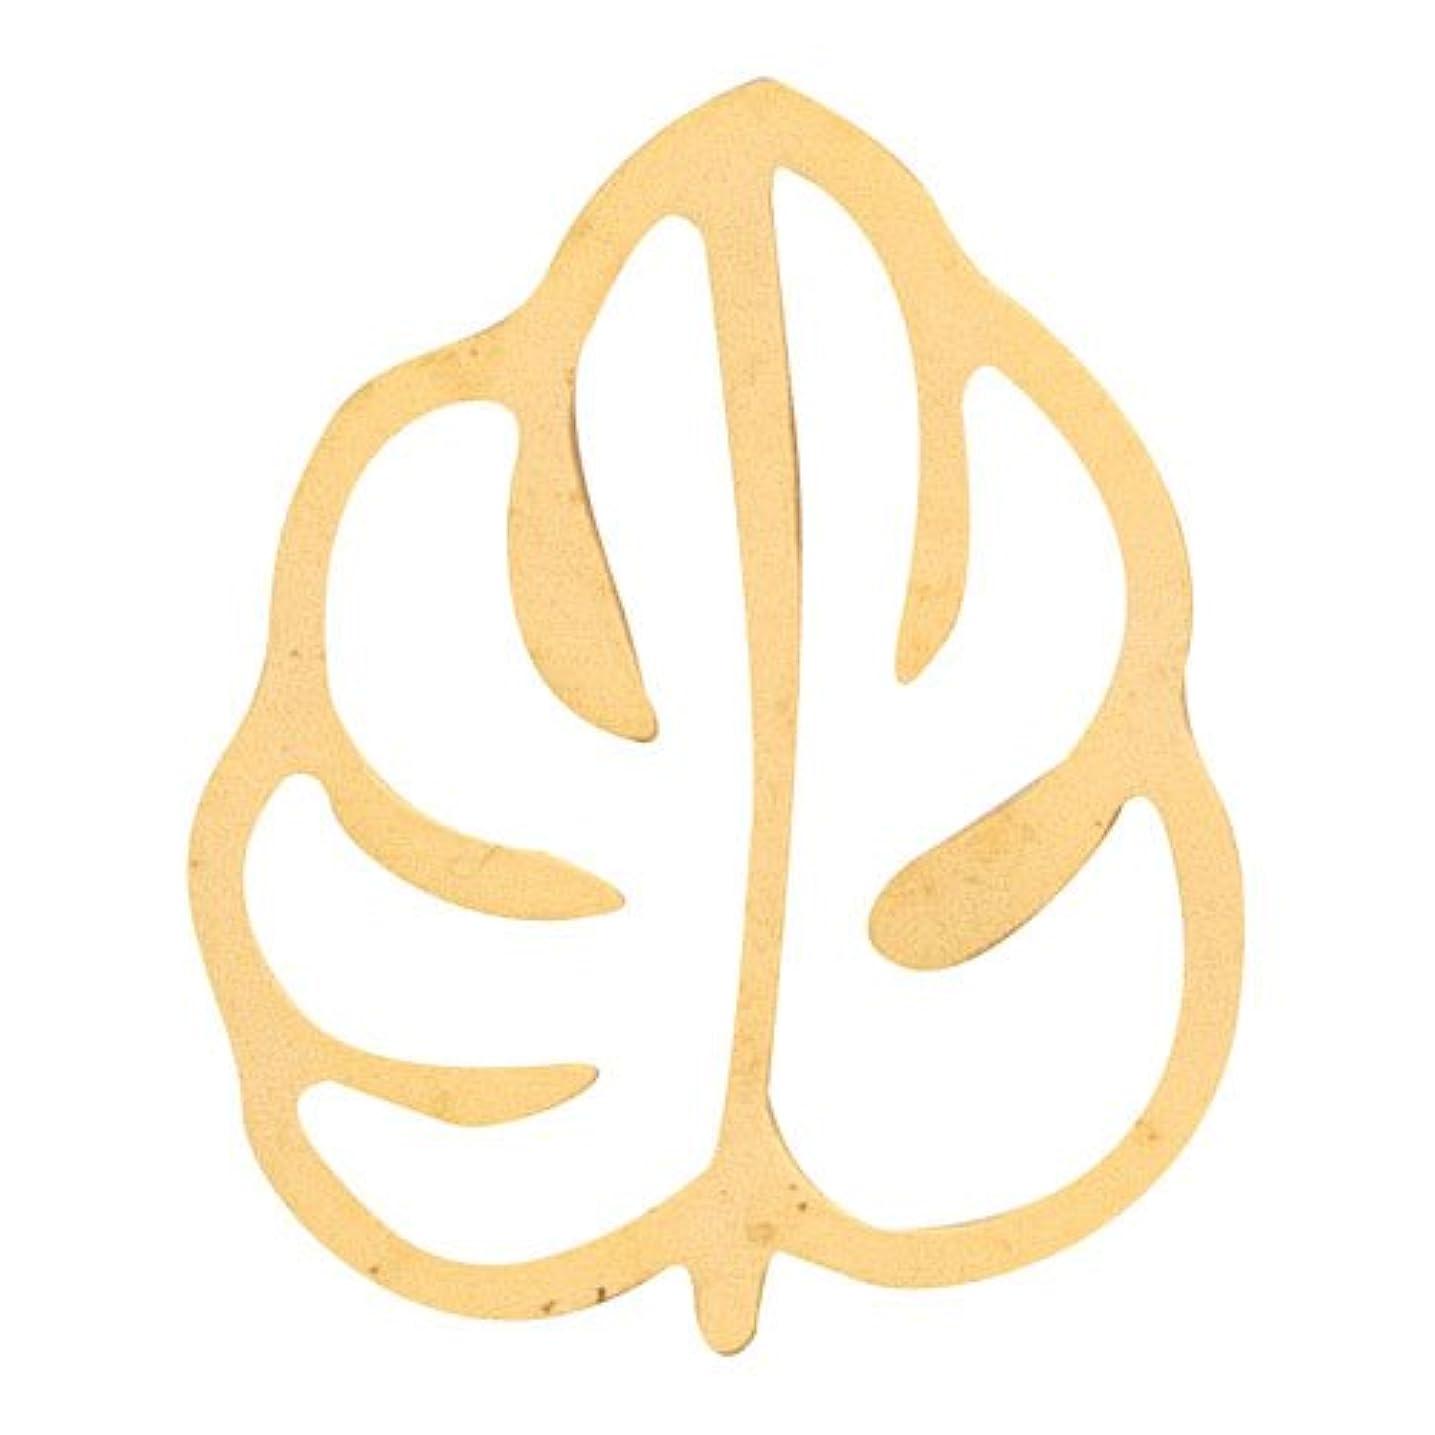 過敏な最大指紋リトルプリティー ネイルアートパーツ モンステラ2 M ゴールド 10個